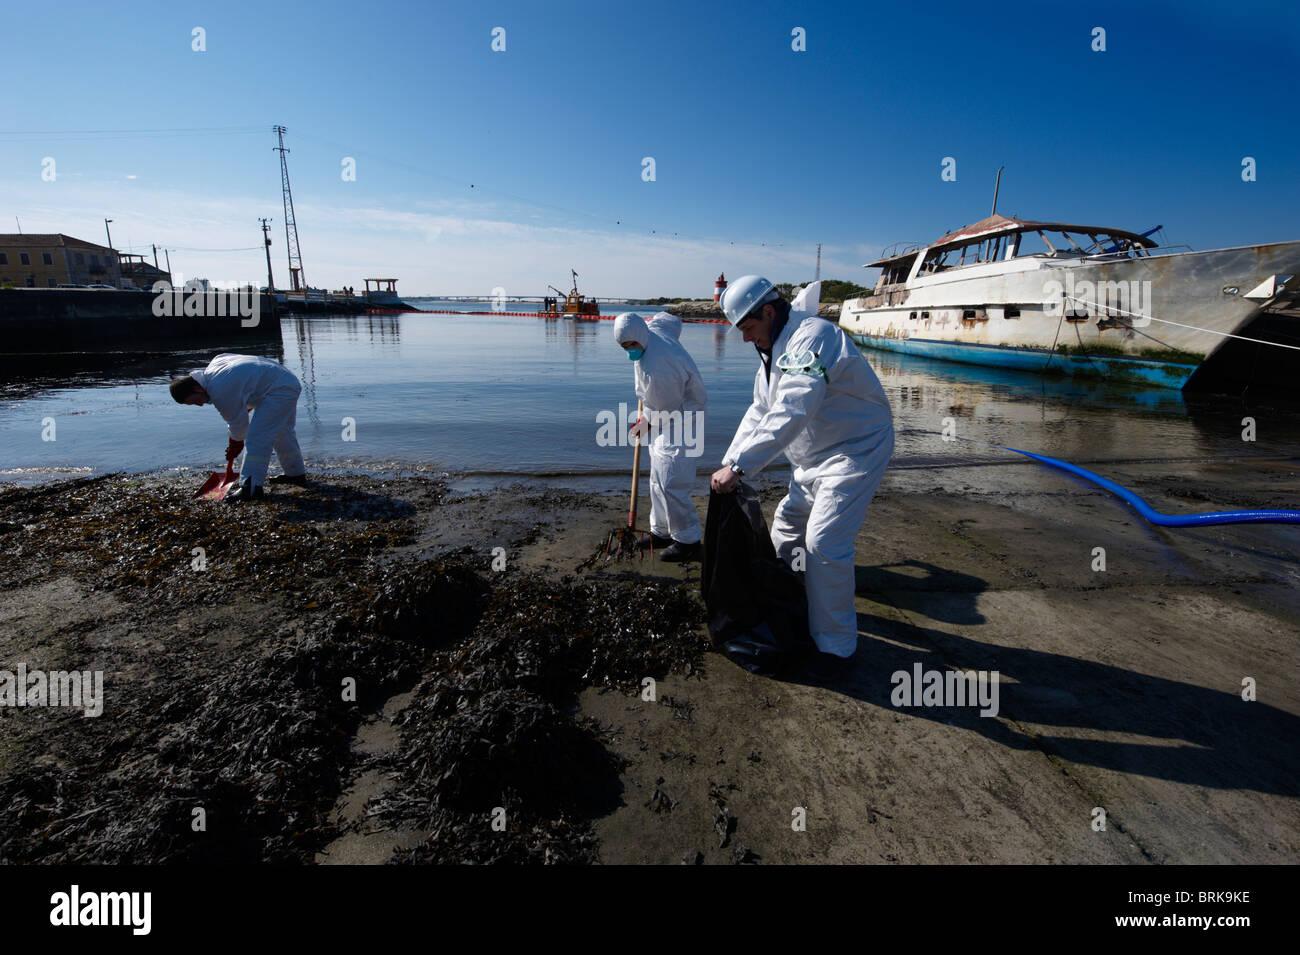 Gli uomini in pieno-corpo Indumenti di protezione e le maschere di respirazione pulire il dock mentre una barca Foto Stock